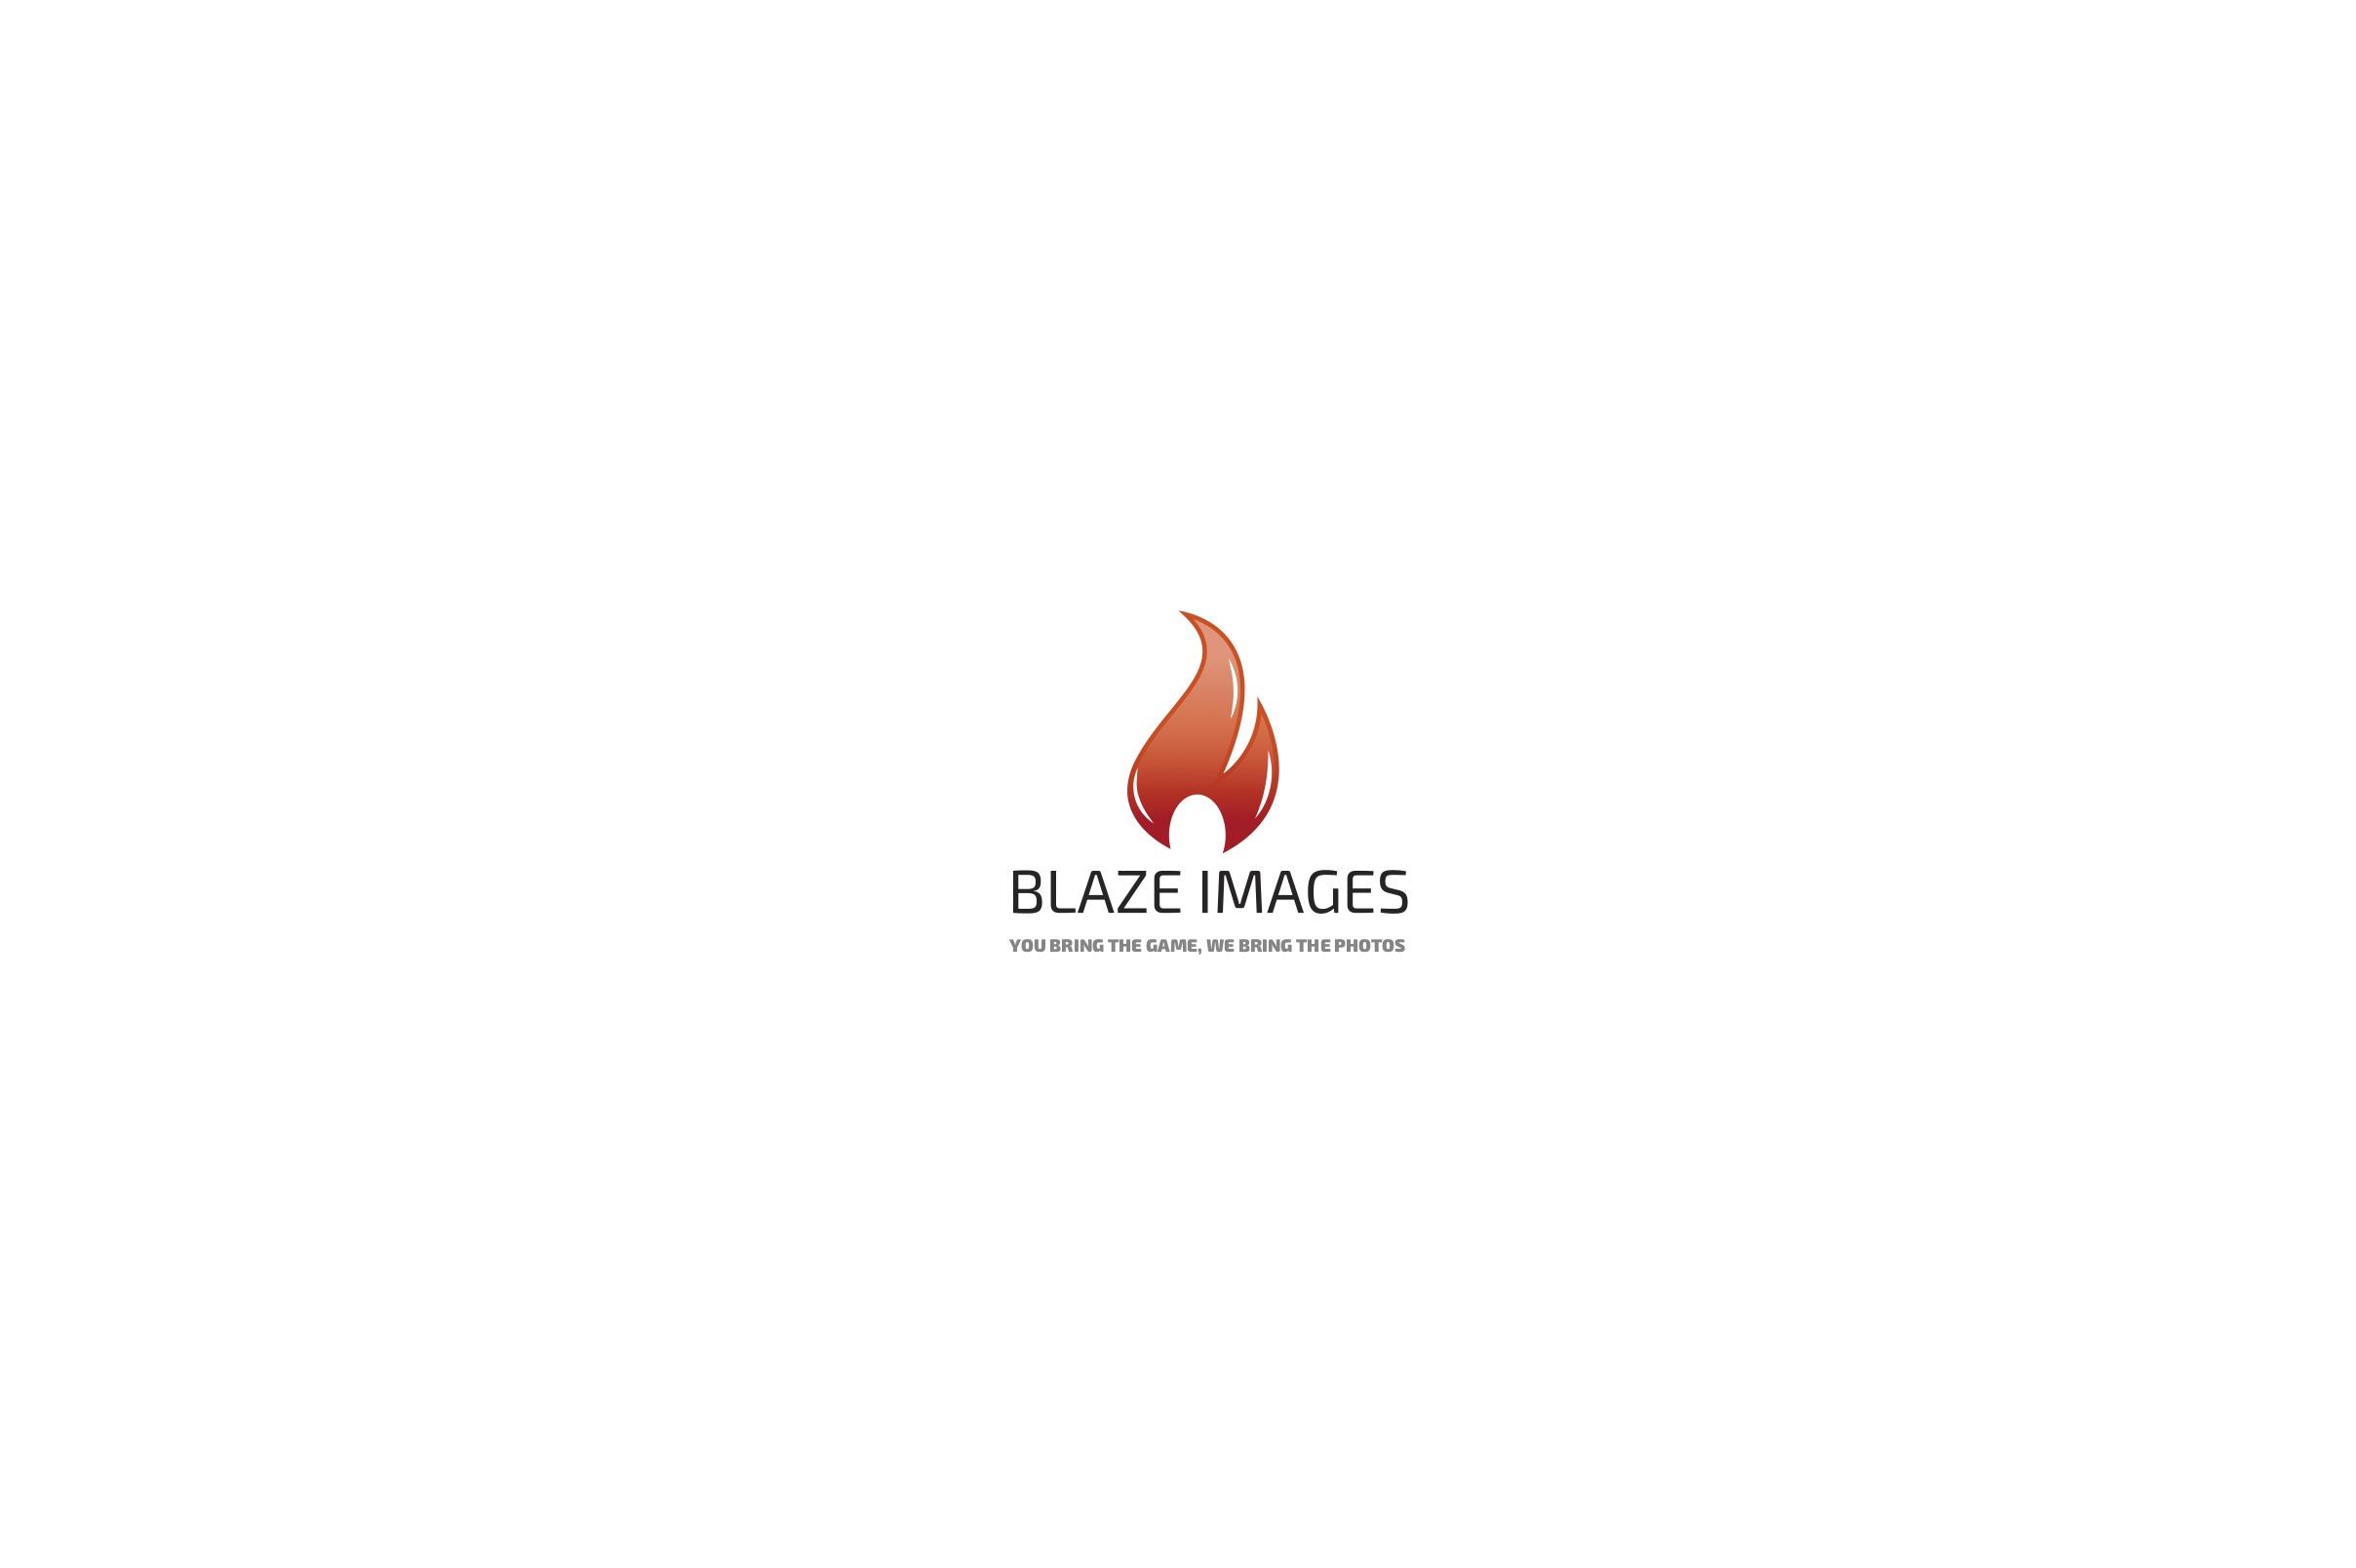 blazeimages.com